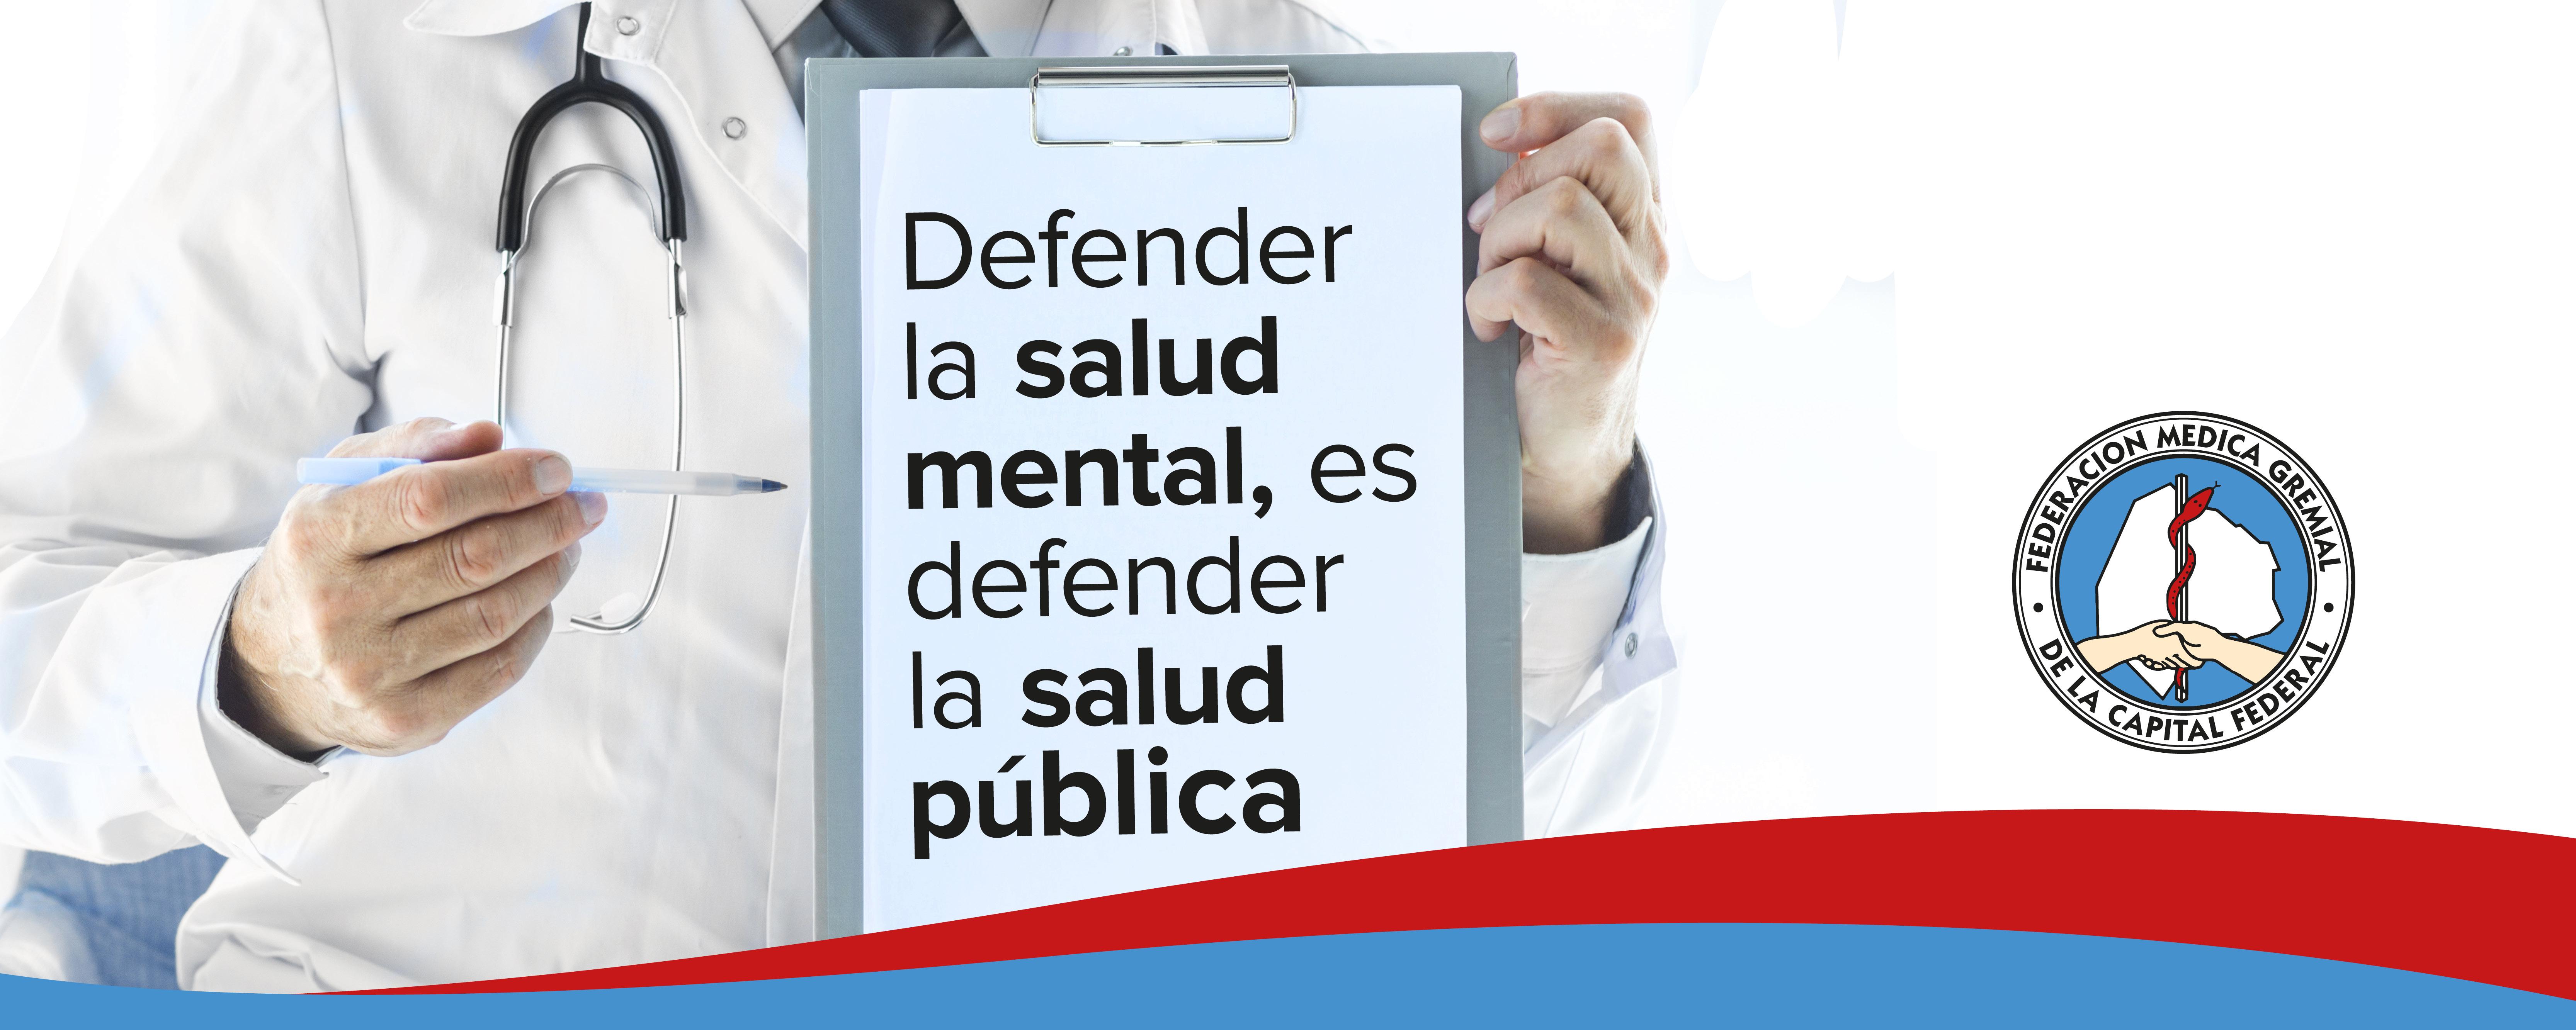 Una resolución ministerial atenta contra los efectores de salud mental